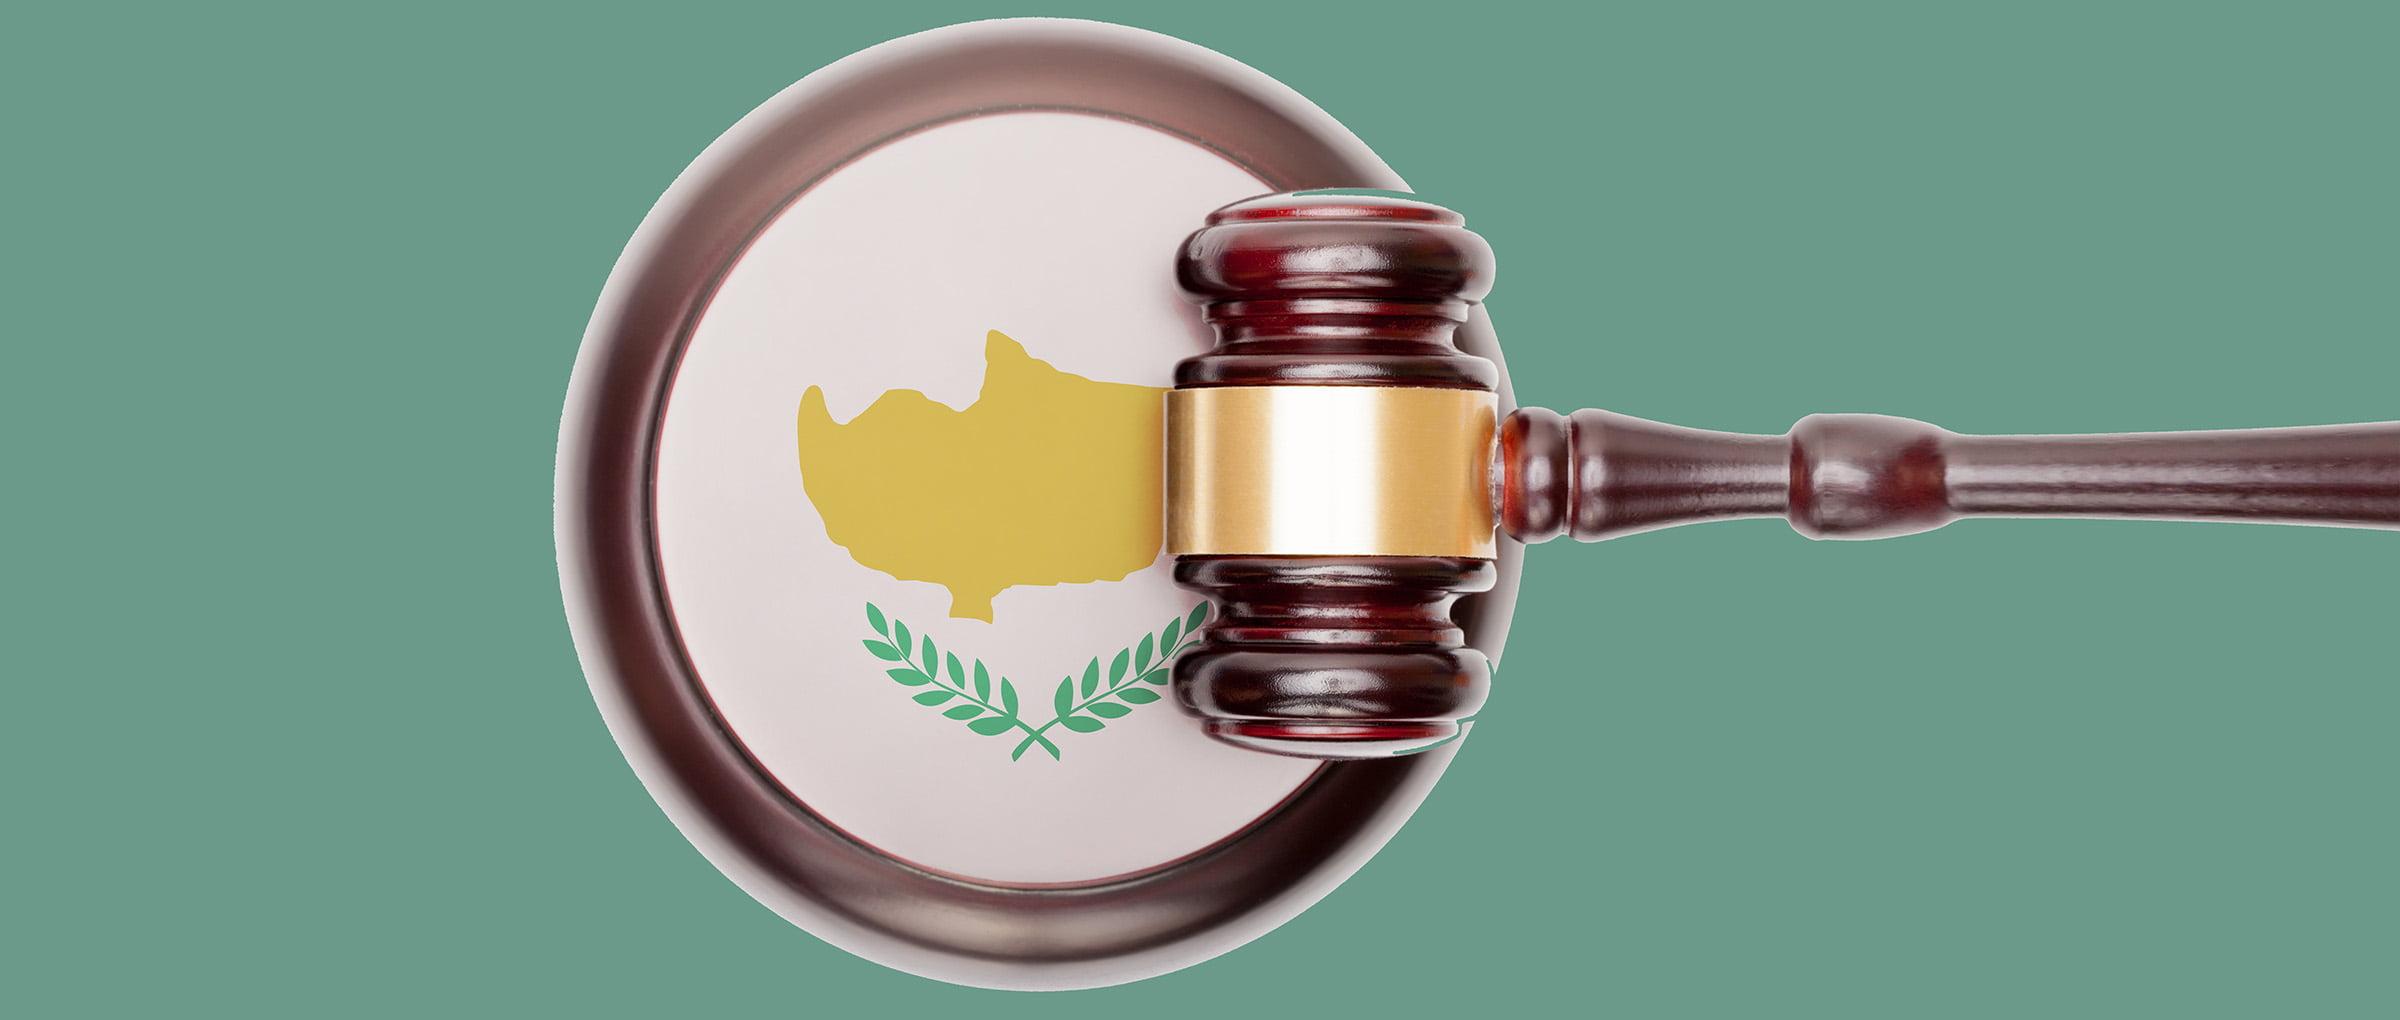 Legislación en Chipre sobre donación de óvulos y semen